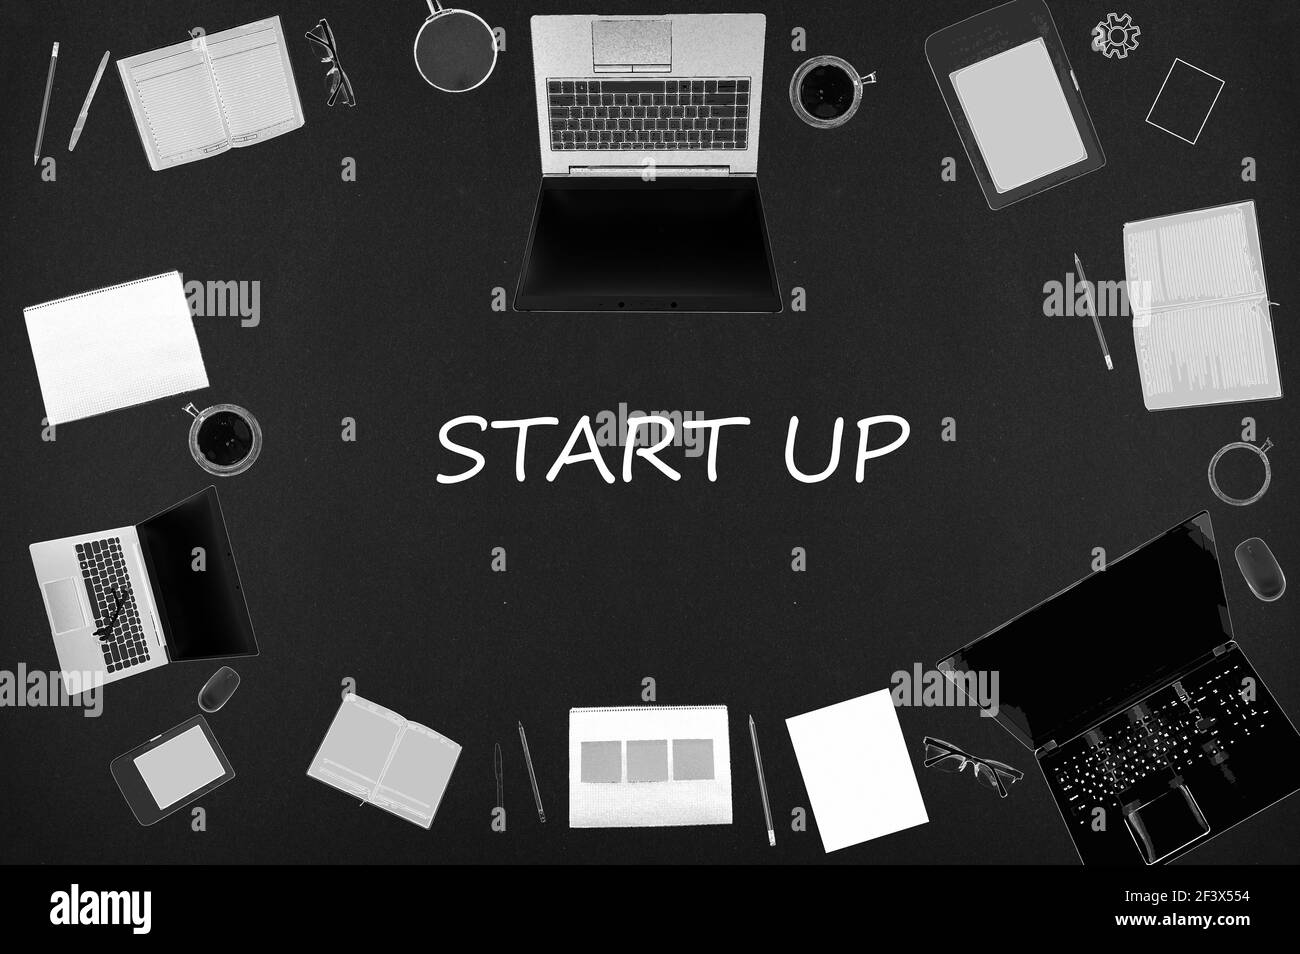 Startkonzept. Top-Layout von Zeichnungen von Laptops, Notizblöcke, Kaffee, verschiedene Business-Sachen auf schwarzem Hintergrund. Stockfoto